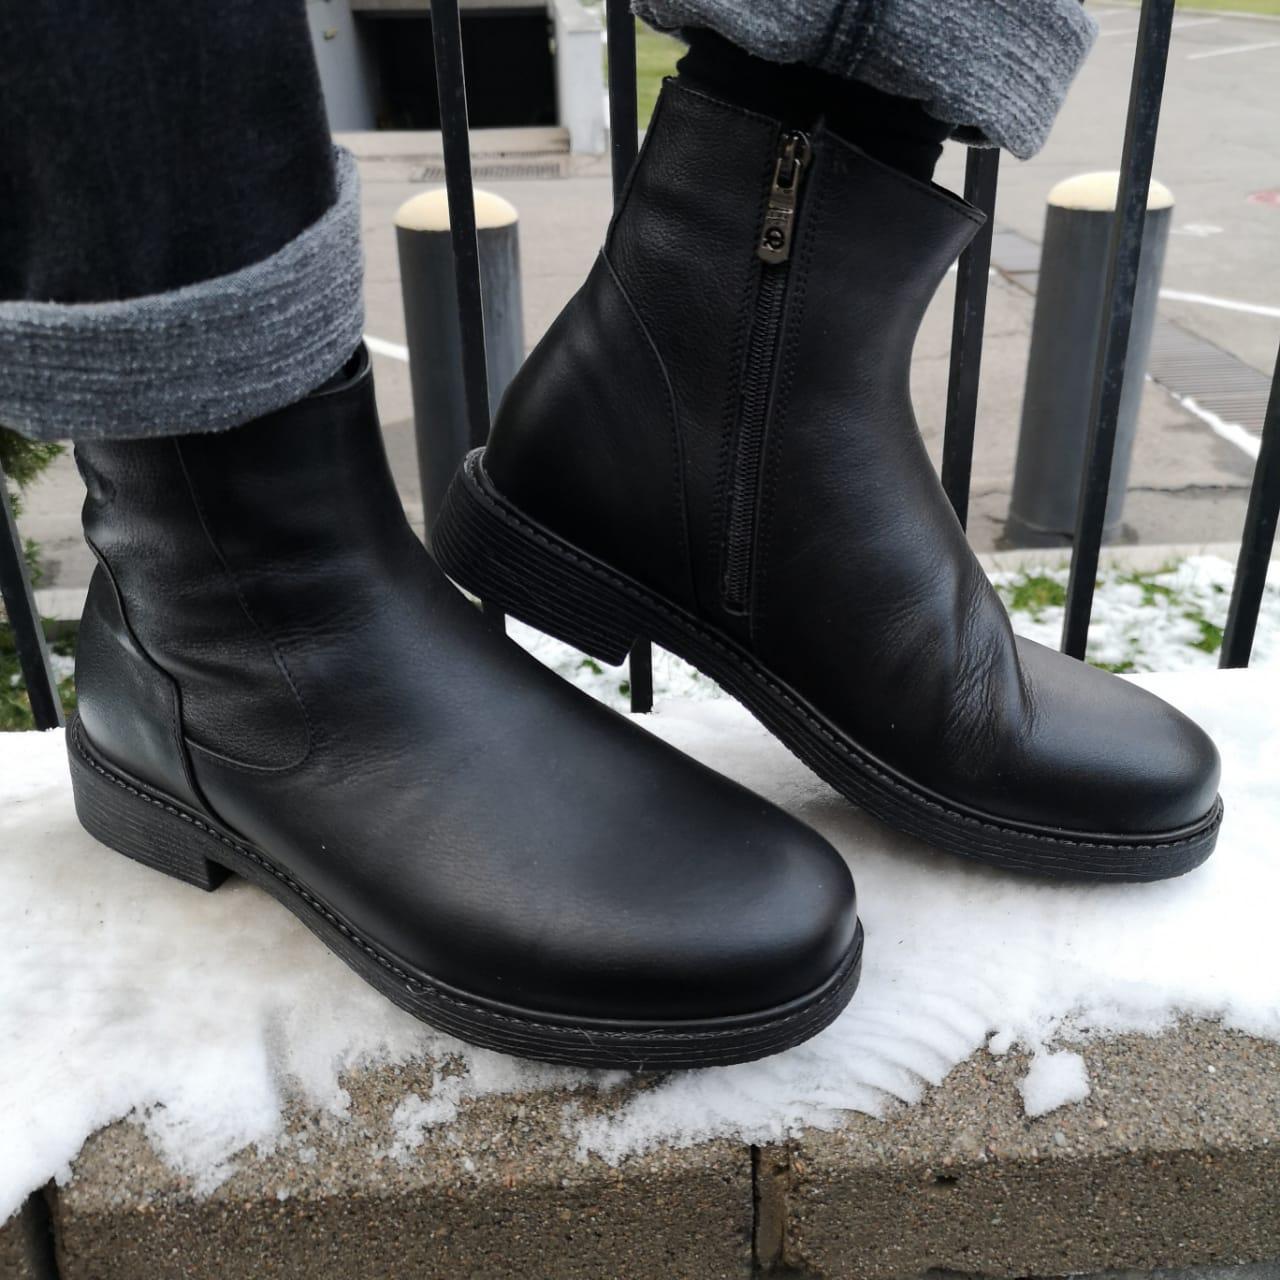 Зимние мужские сапоги - фото 3